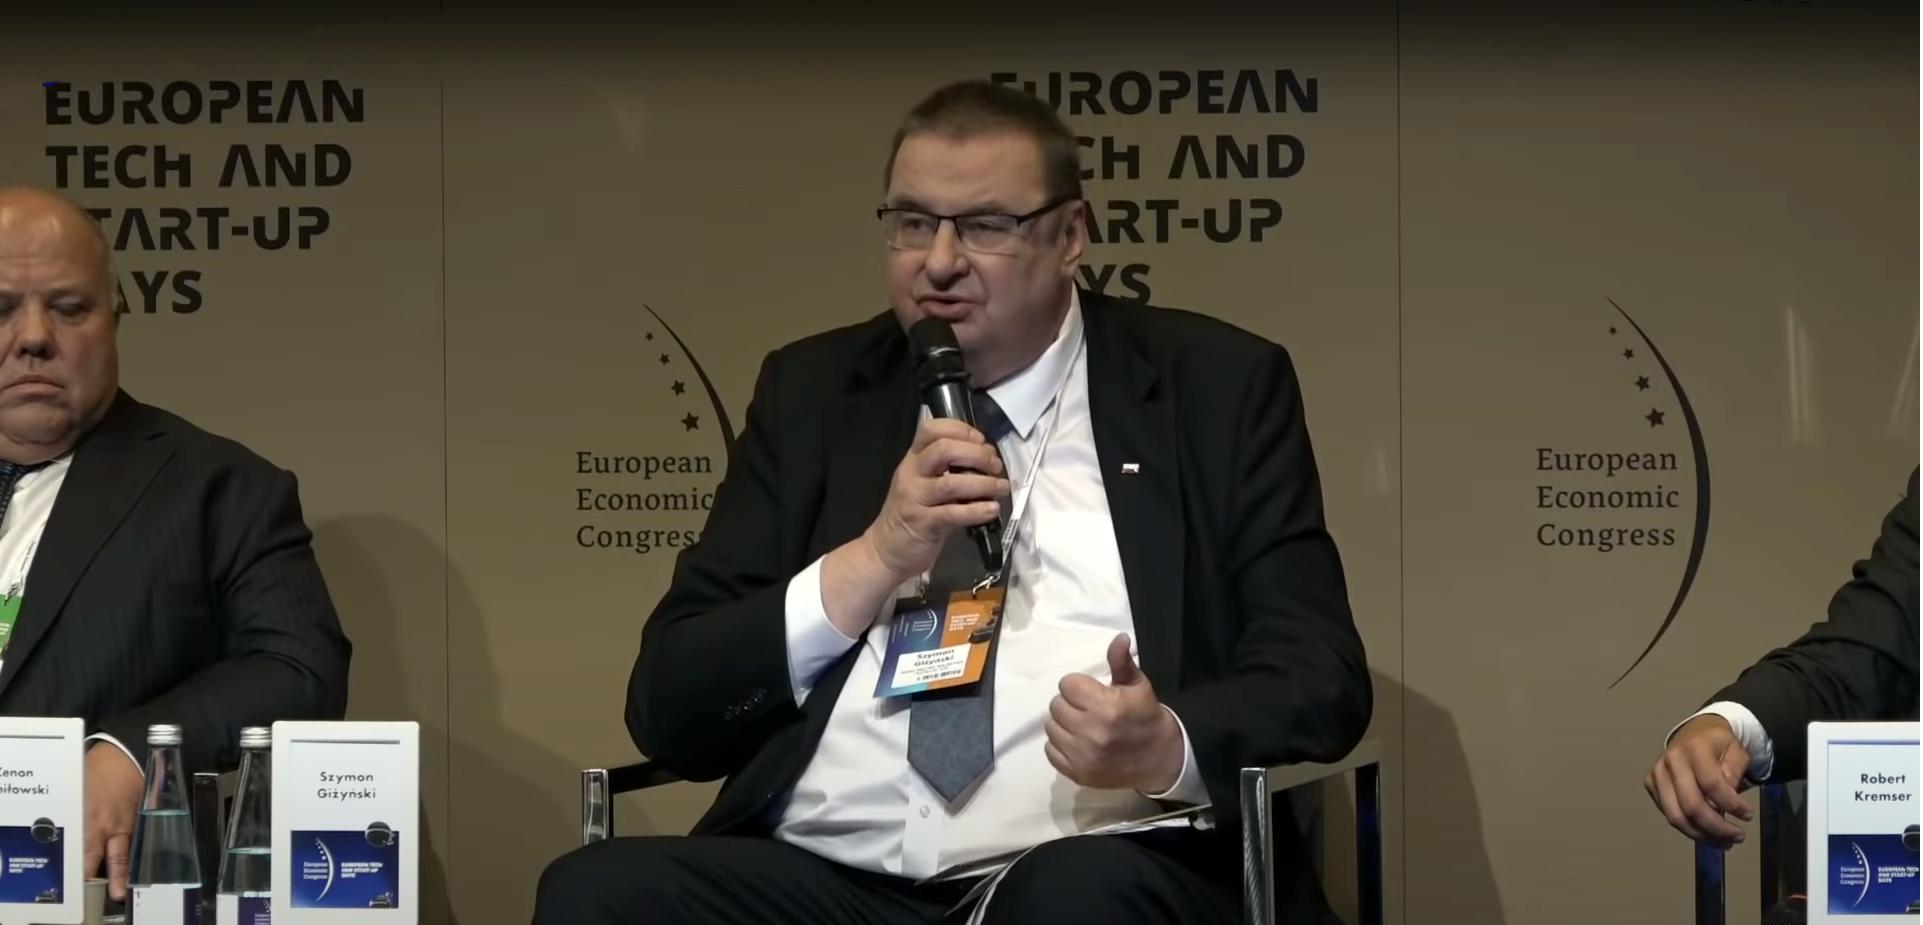 Sekretarz stanu Szyman Giżyński podczas wypowiedzi